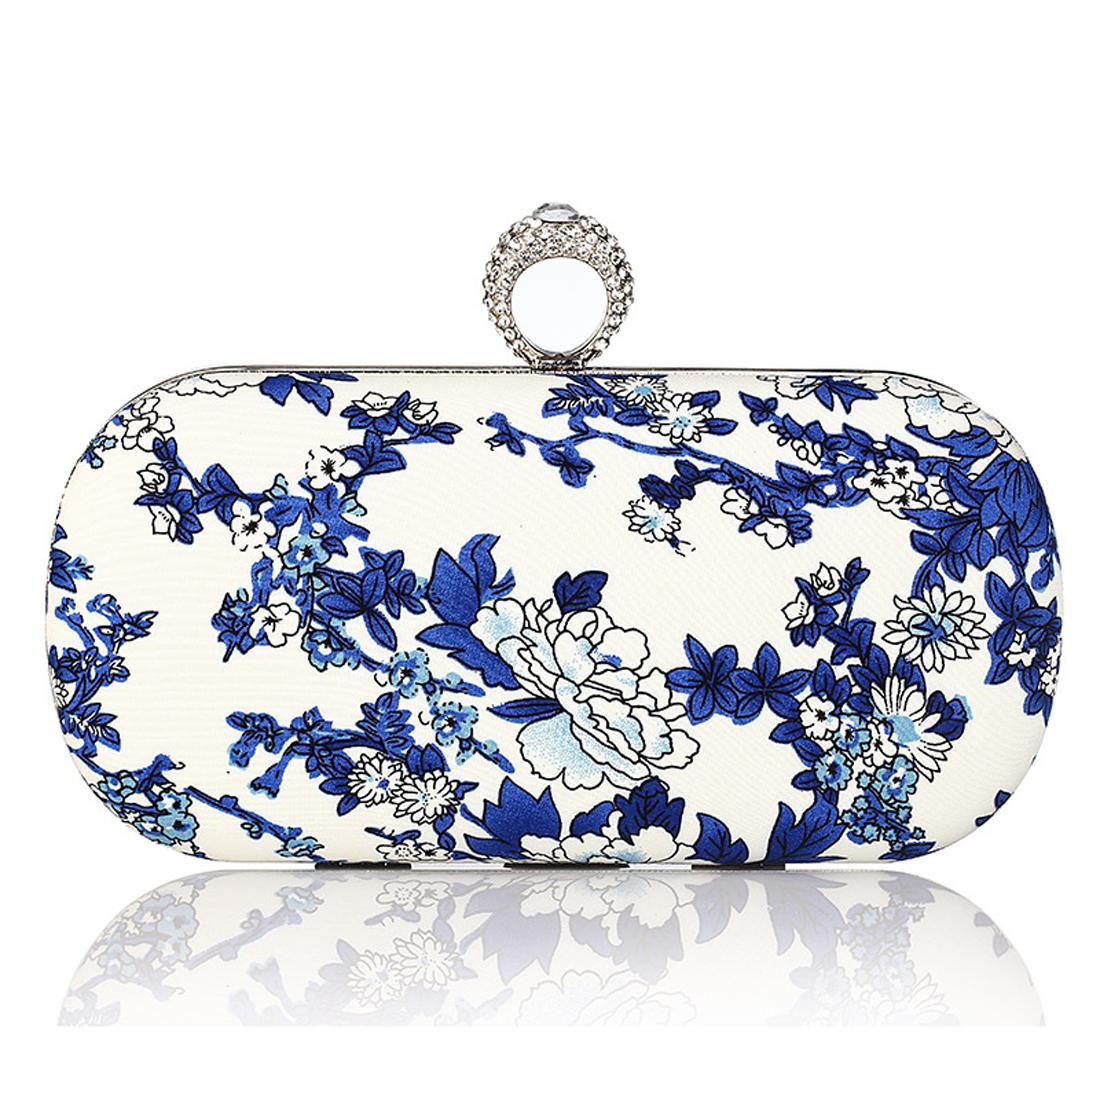 2017 الأزرق والأبيض الخزف طباعة حقائب السهرة للنساء محفظة صغيرة سلسلة البنصر الفاصل حقيبة الزفاف حزب براثن حقيبة